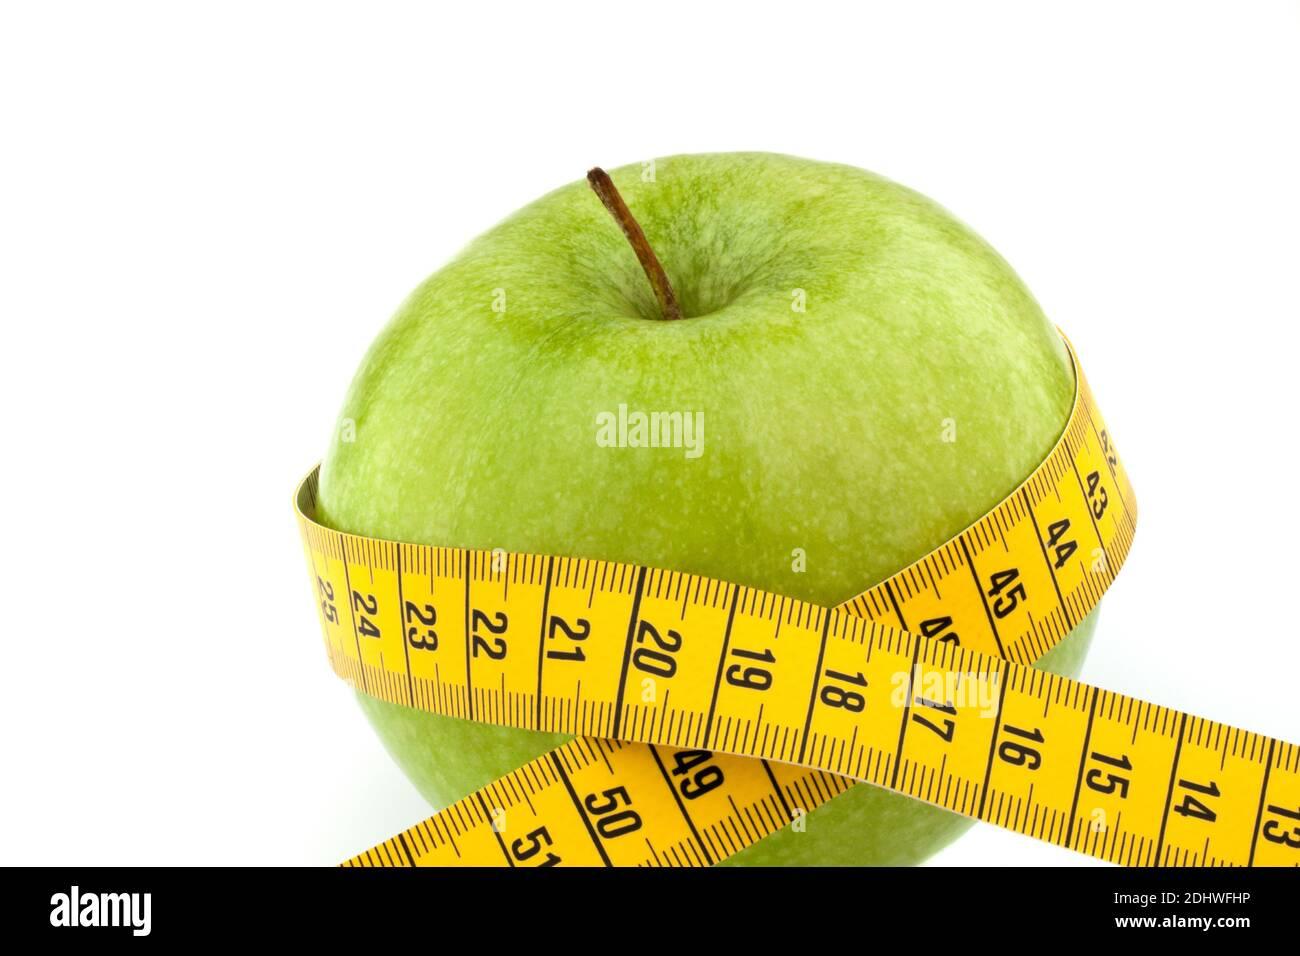 Eingrüner Apfel mit Massband. Symbol für Diät mit Obst. Stock Photo